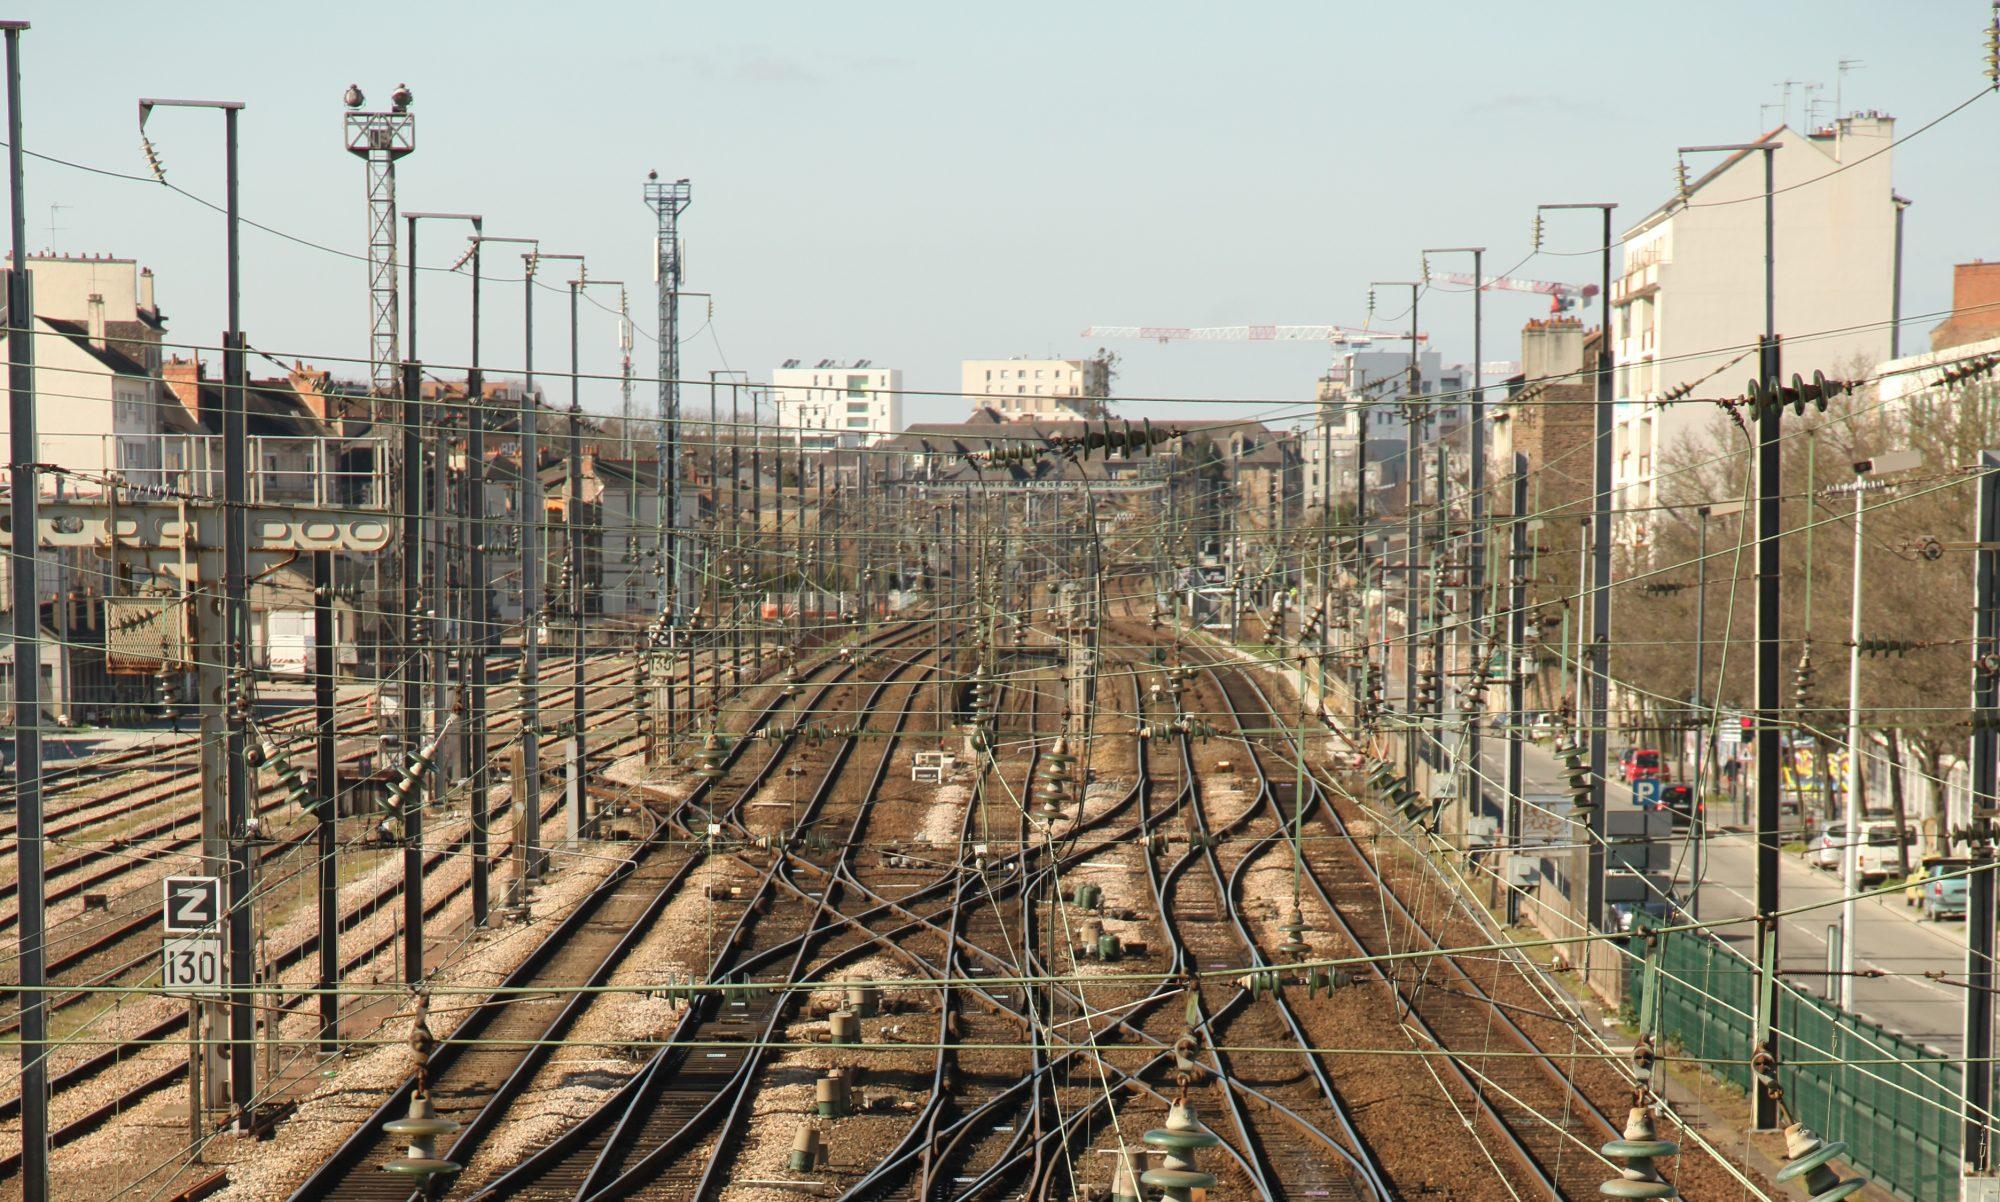 TRAIN-TRAINS